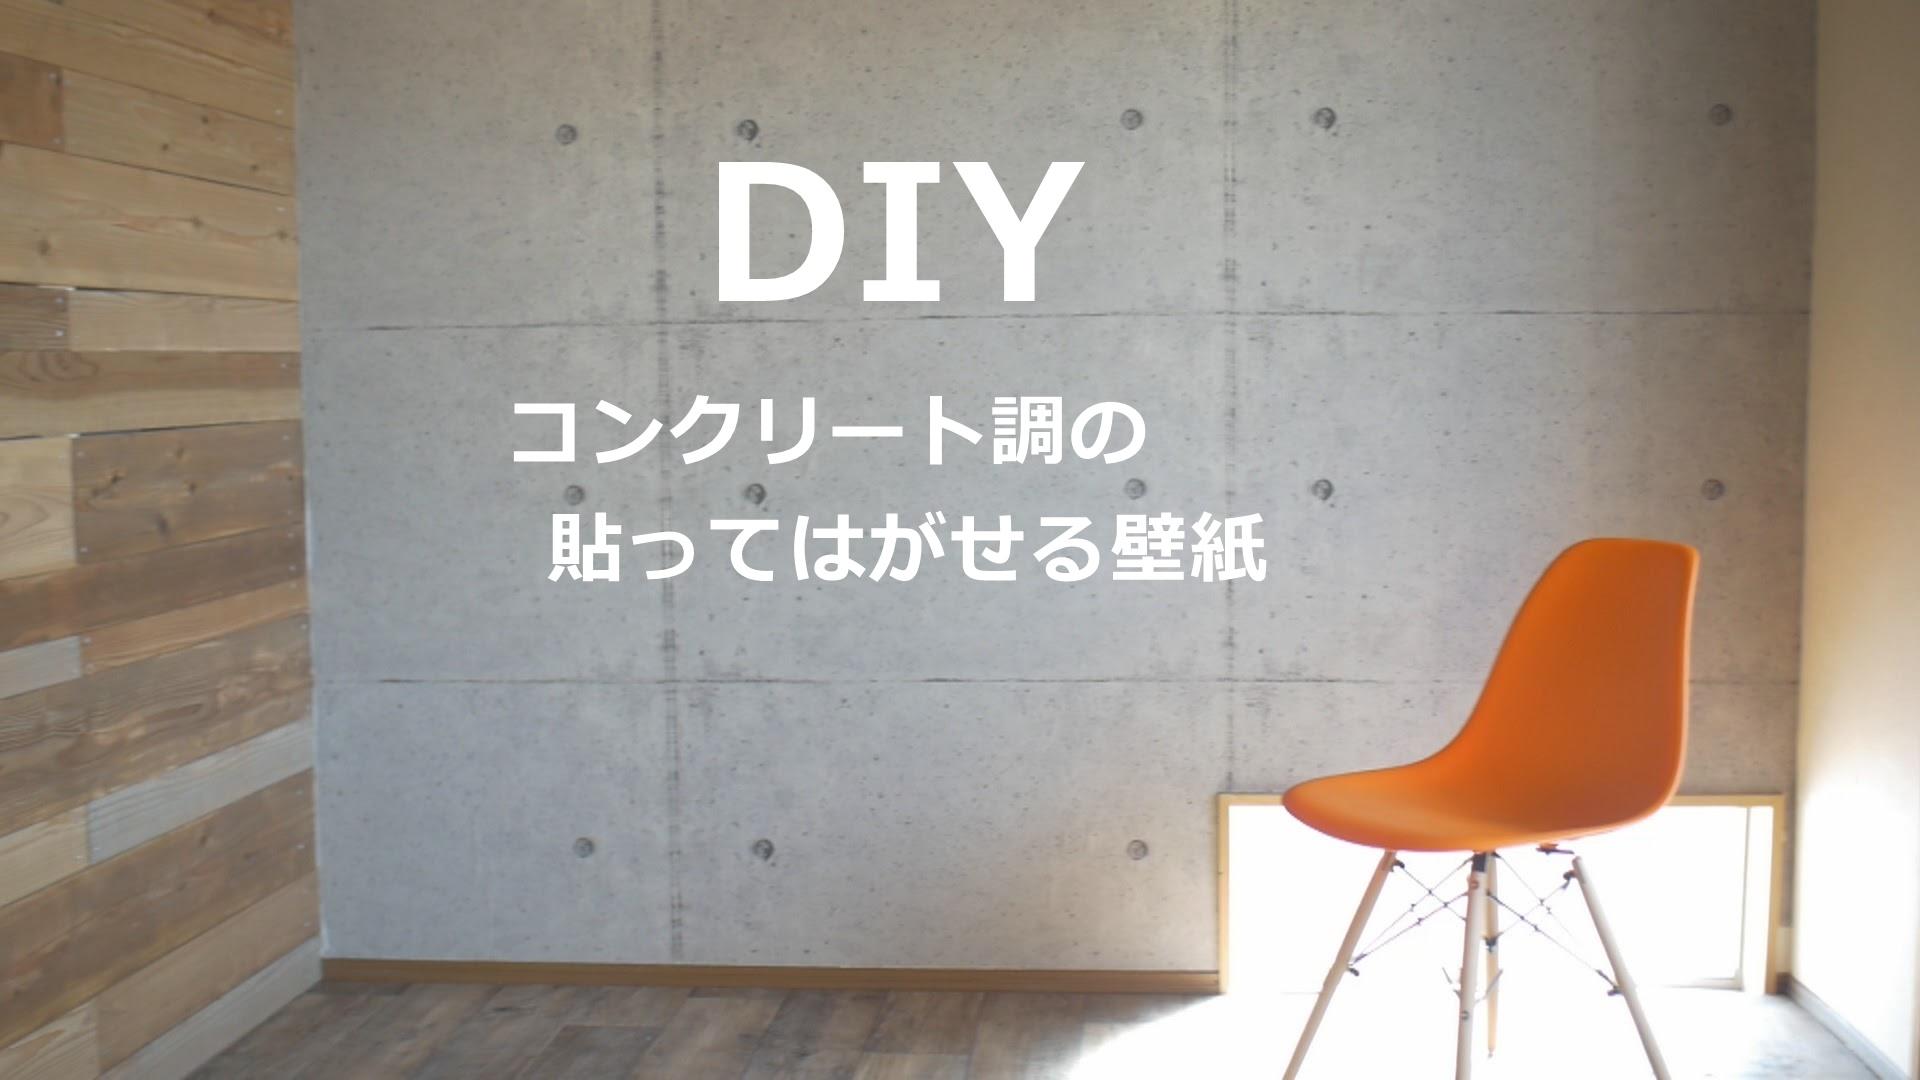 壁紙用生のりの作り方 コンクリート調の貼ってはがせる壁紙 Diy Switch